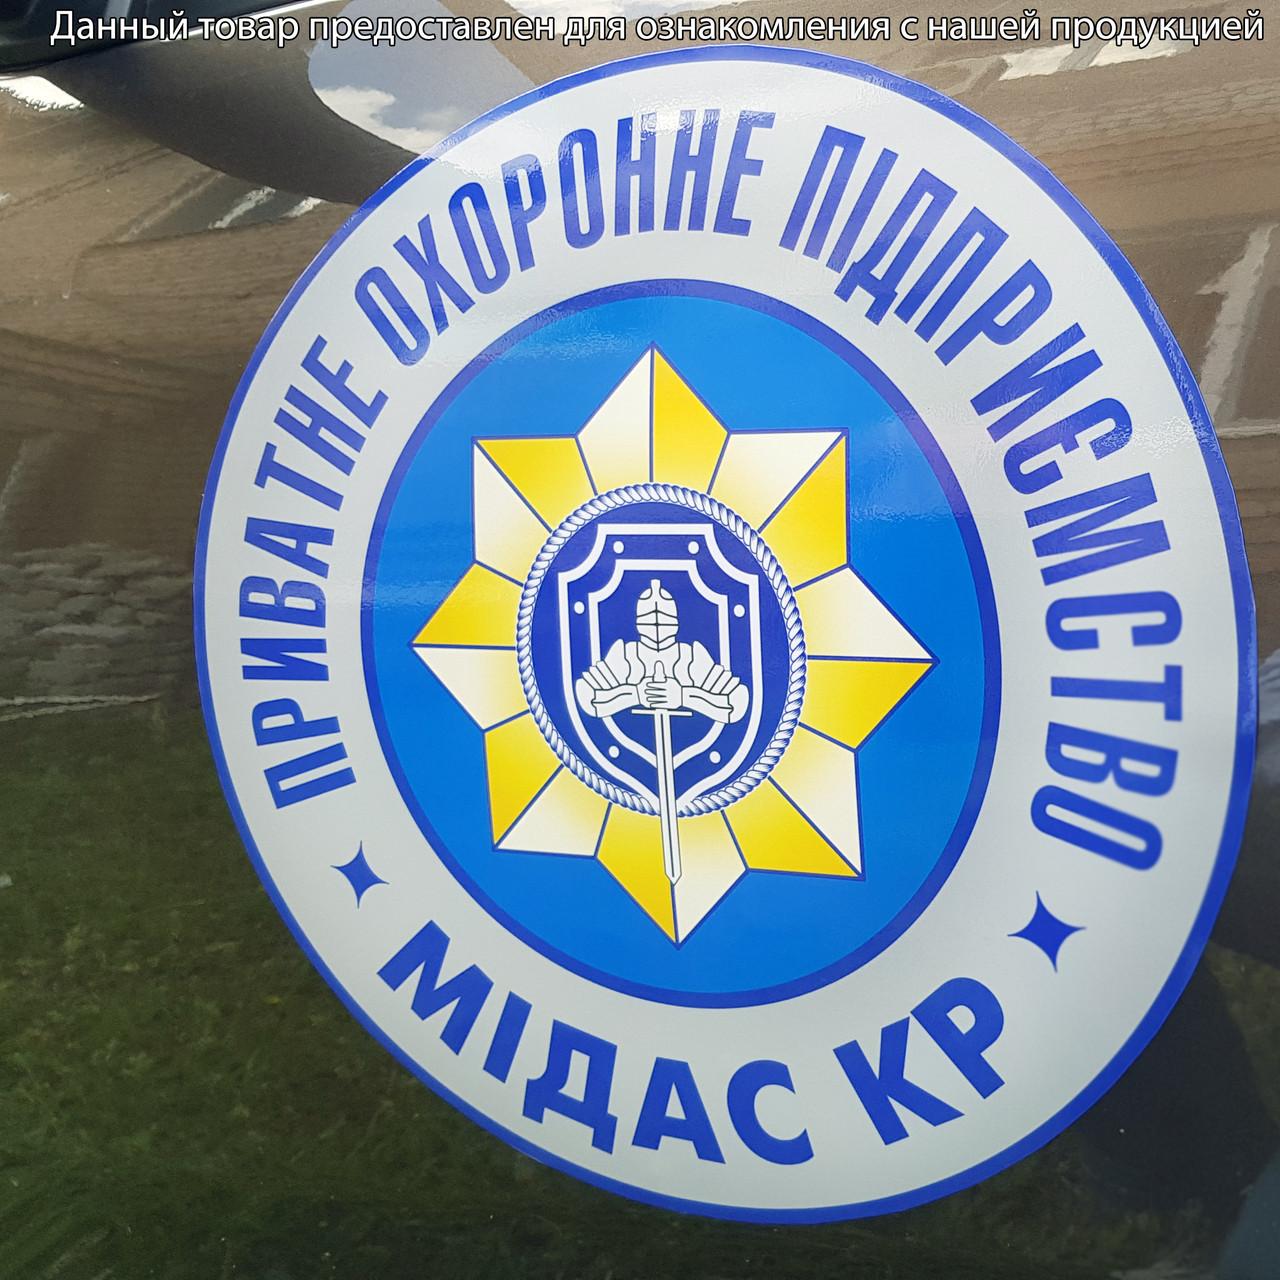 Наклейка магнитная с эмблемой, самофиксирующиеся 30х30 см - 2 шт